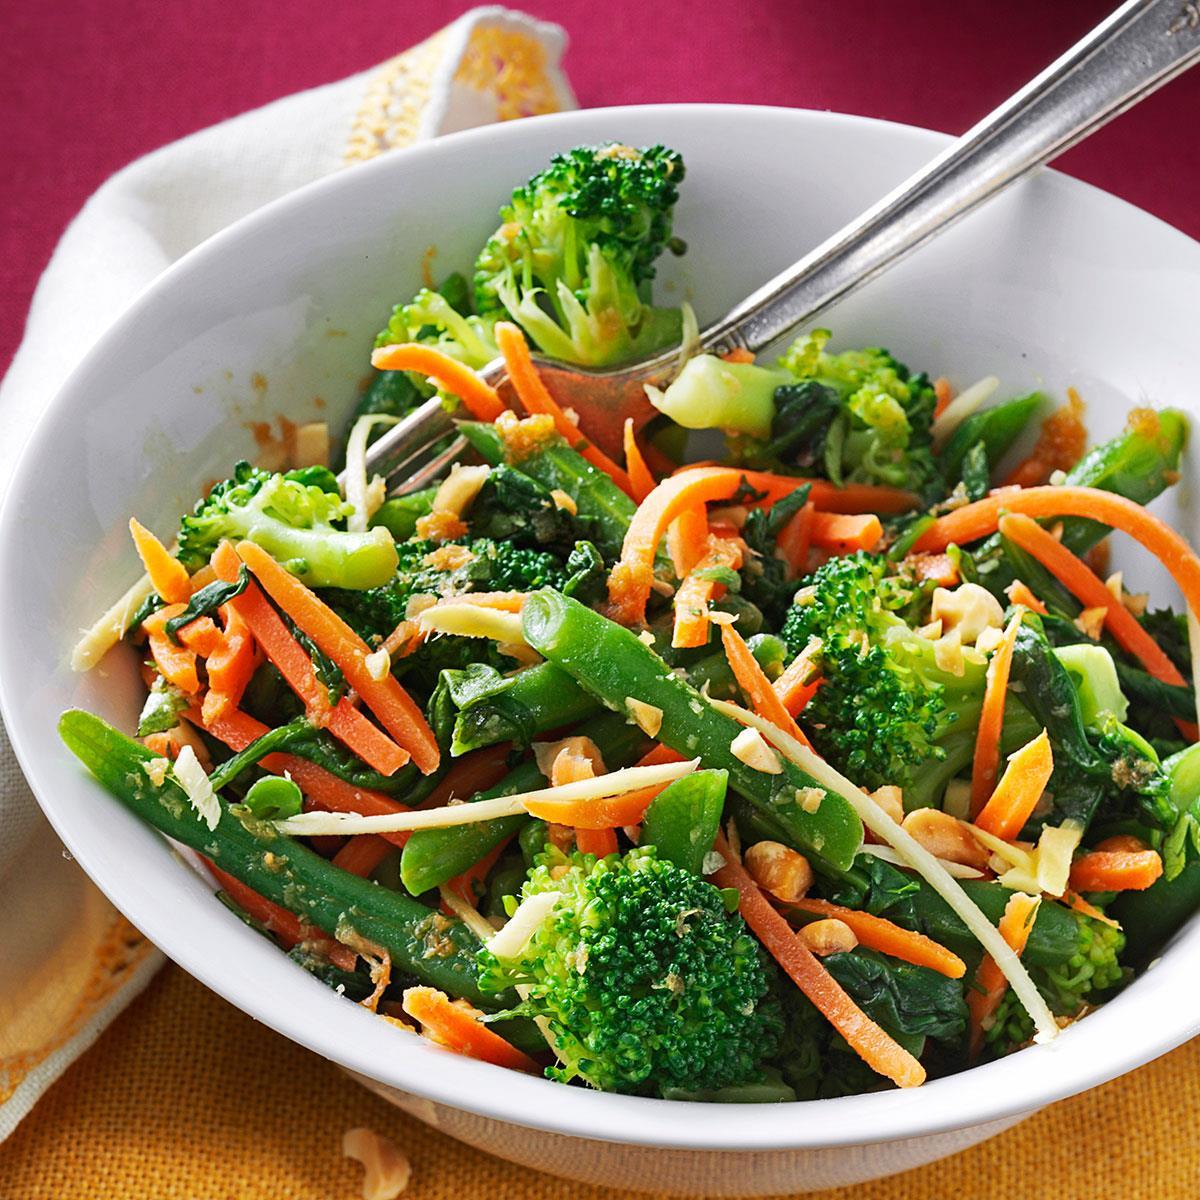 Ginger Sesame Steamed Vegetable Salad